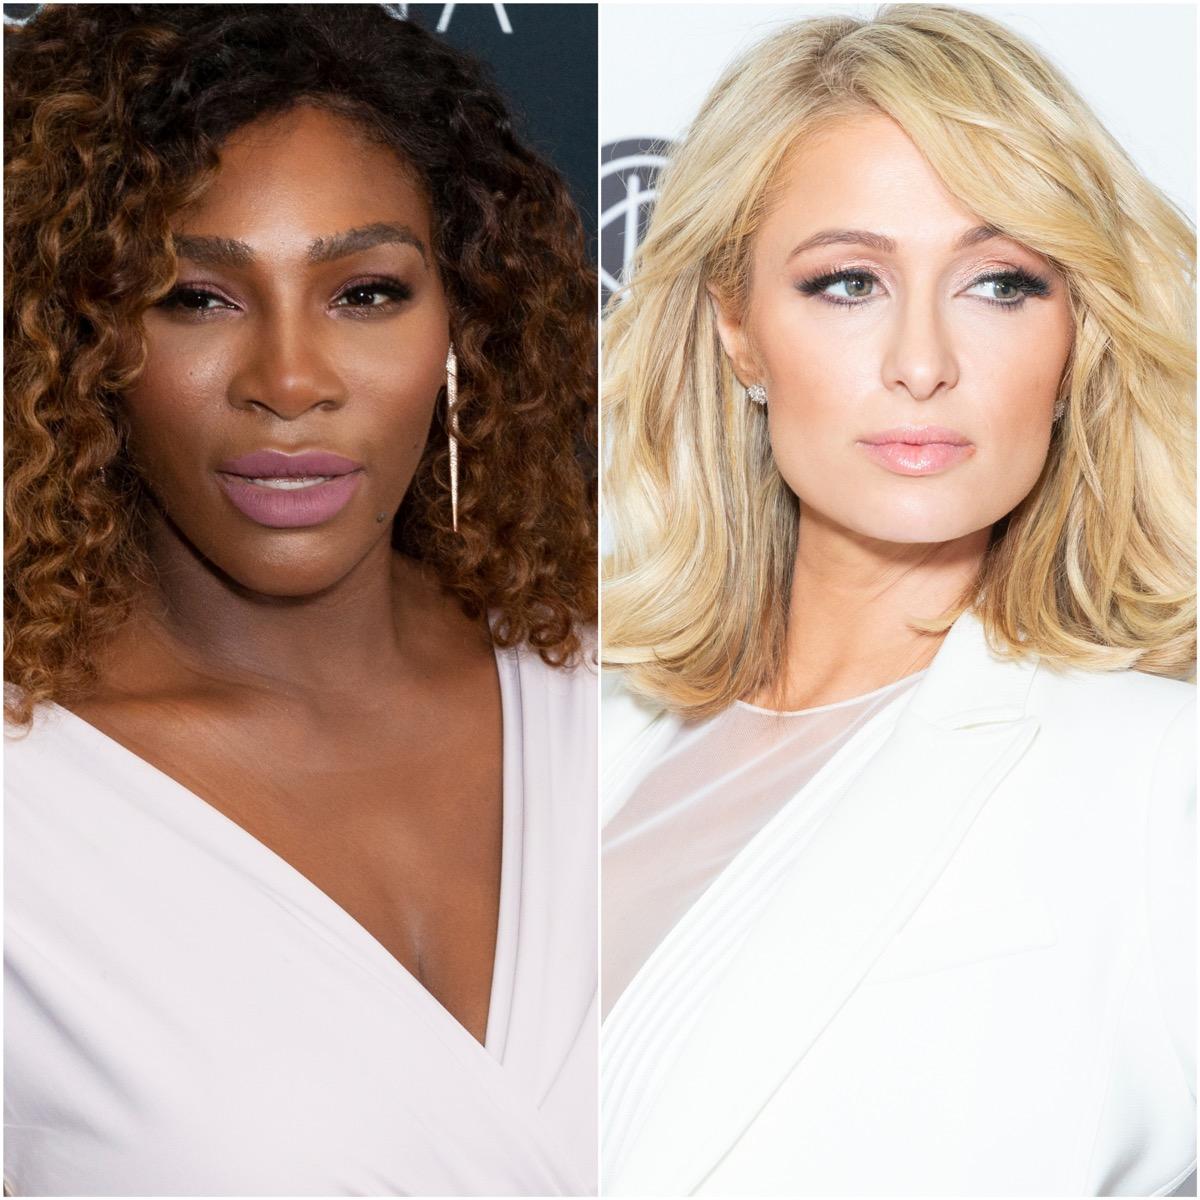 Serena Williams and Paris Hilton